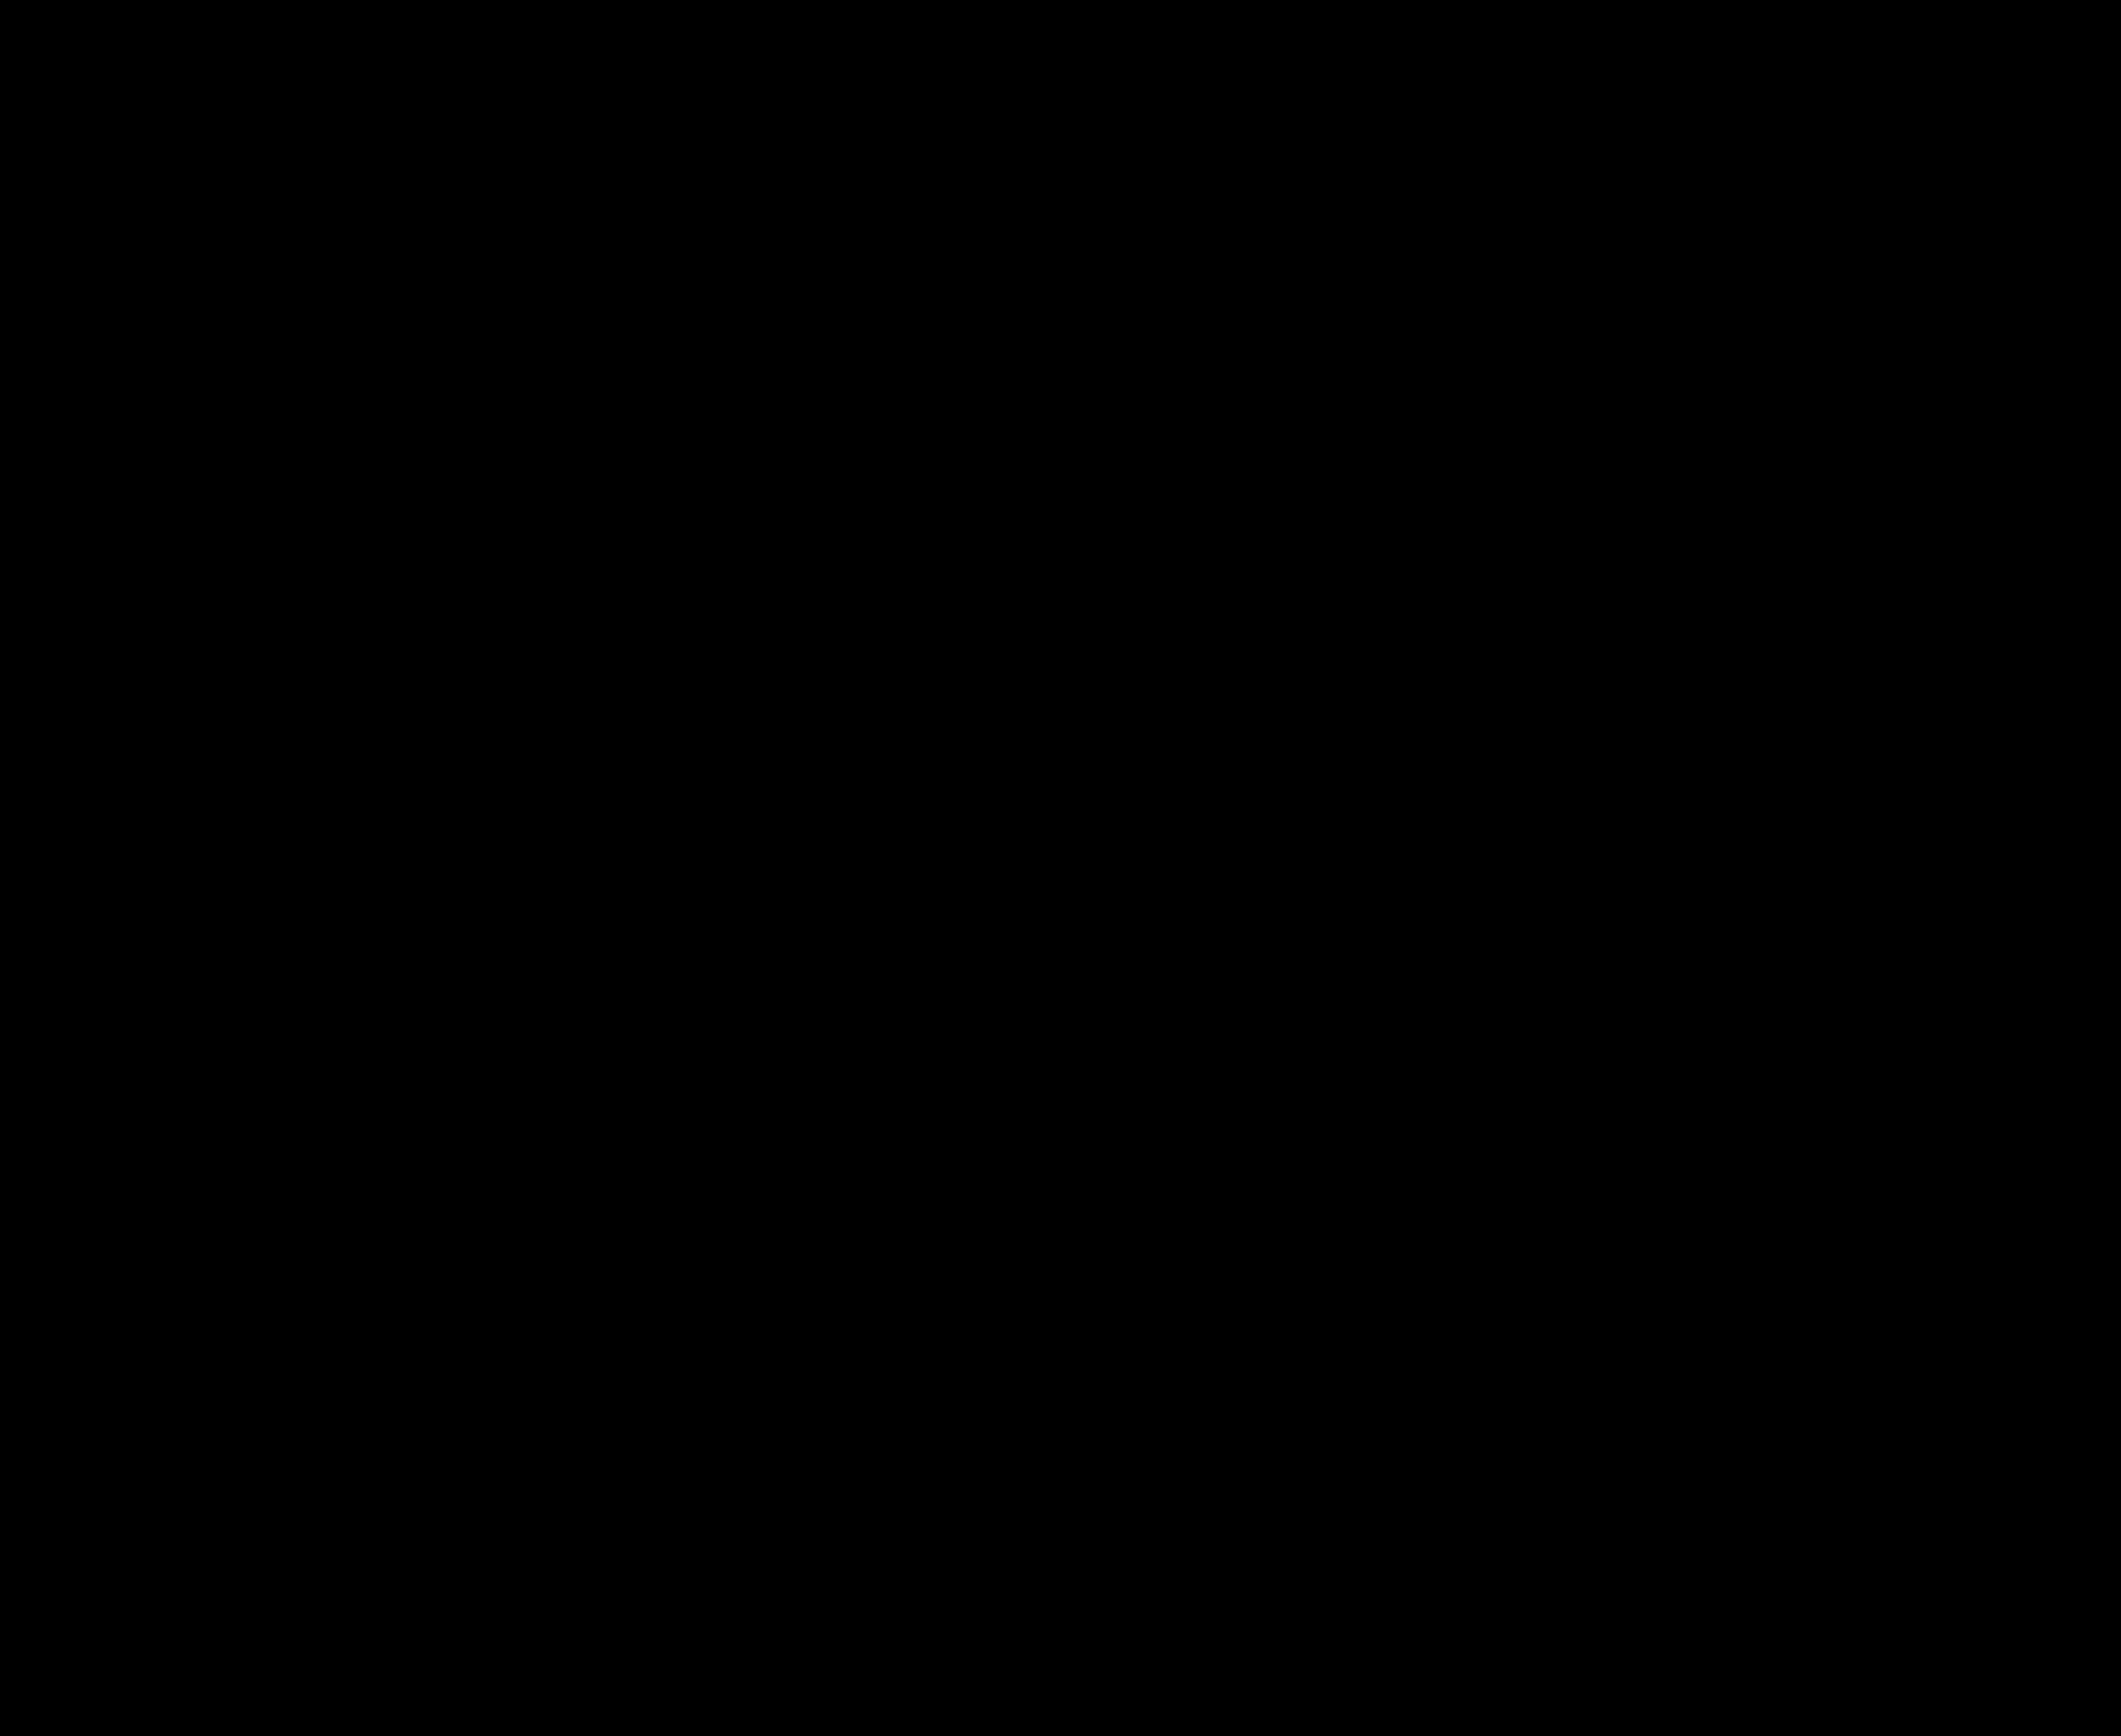 Kubek M 010 140g (1,1)